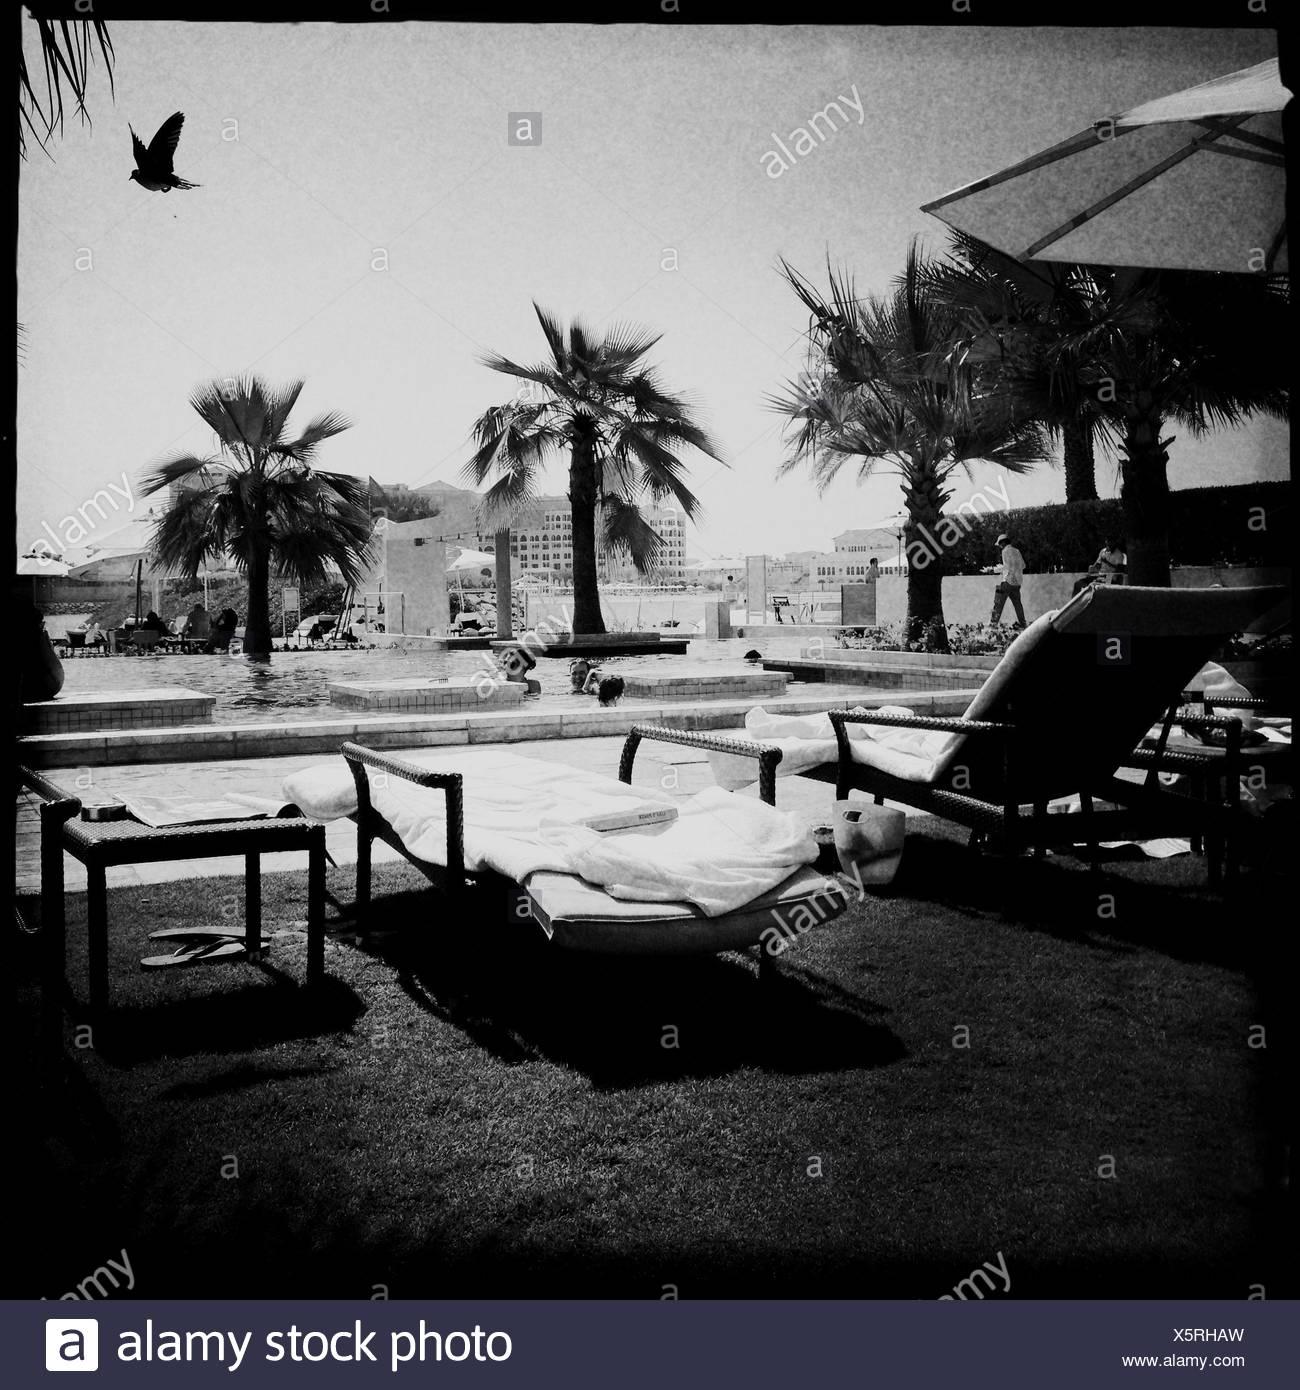 United Arab Emirates, Abu Dhabi, Pool scene with bird - Stock Image